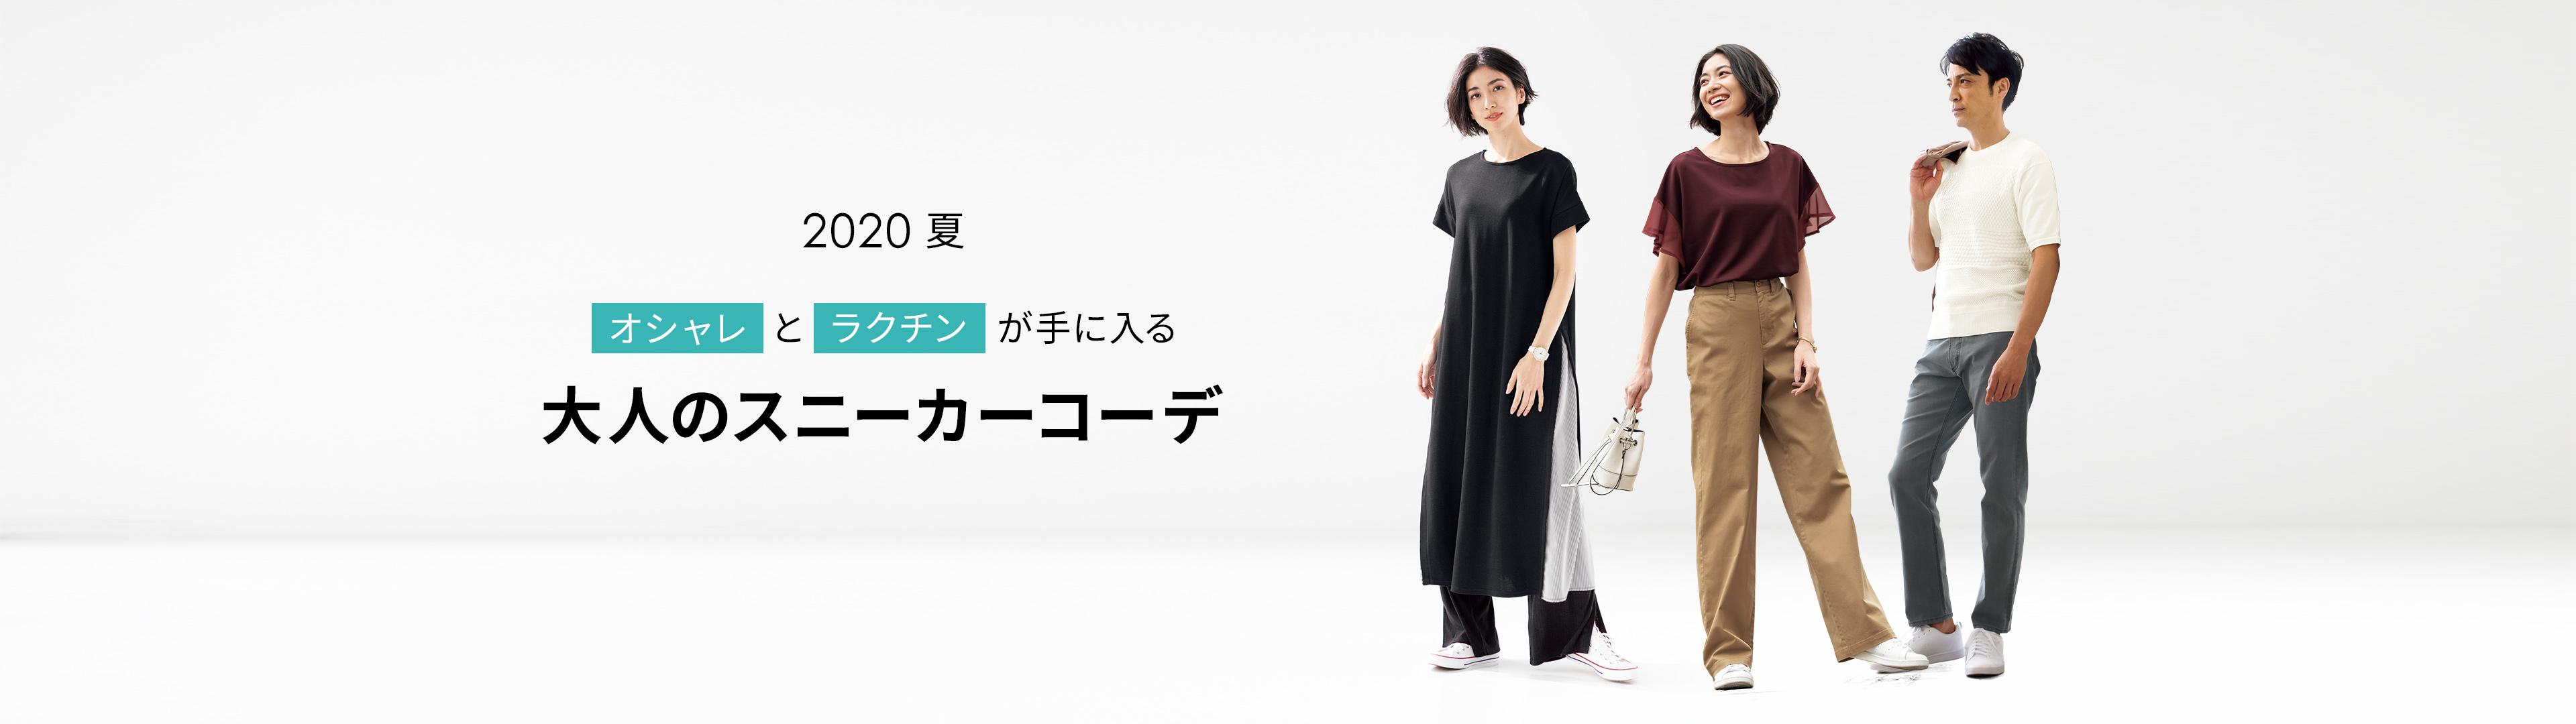 スニーカー おしゃれコーデ 2019春夏トレンドファッション